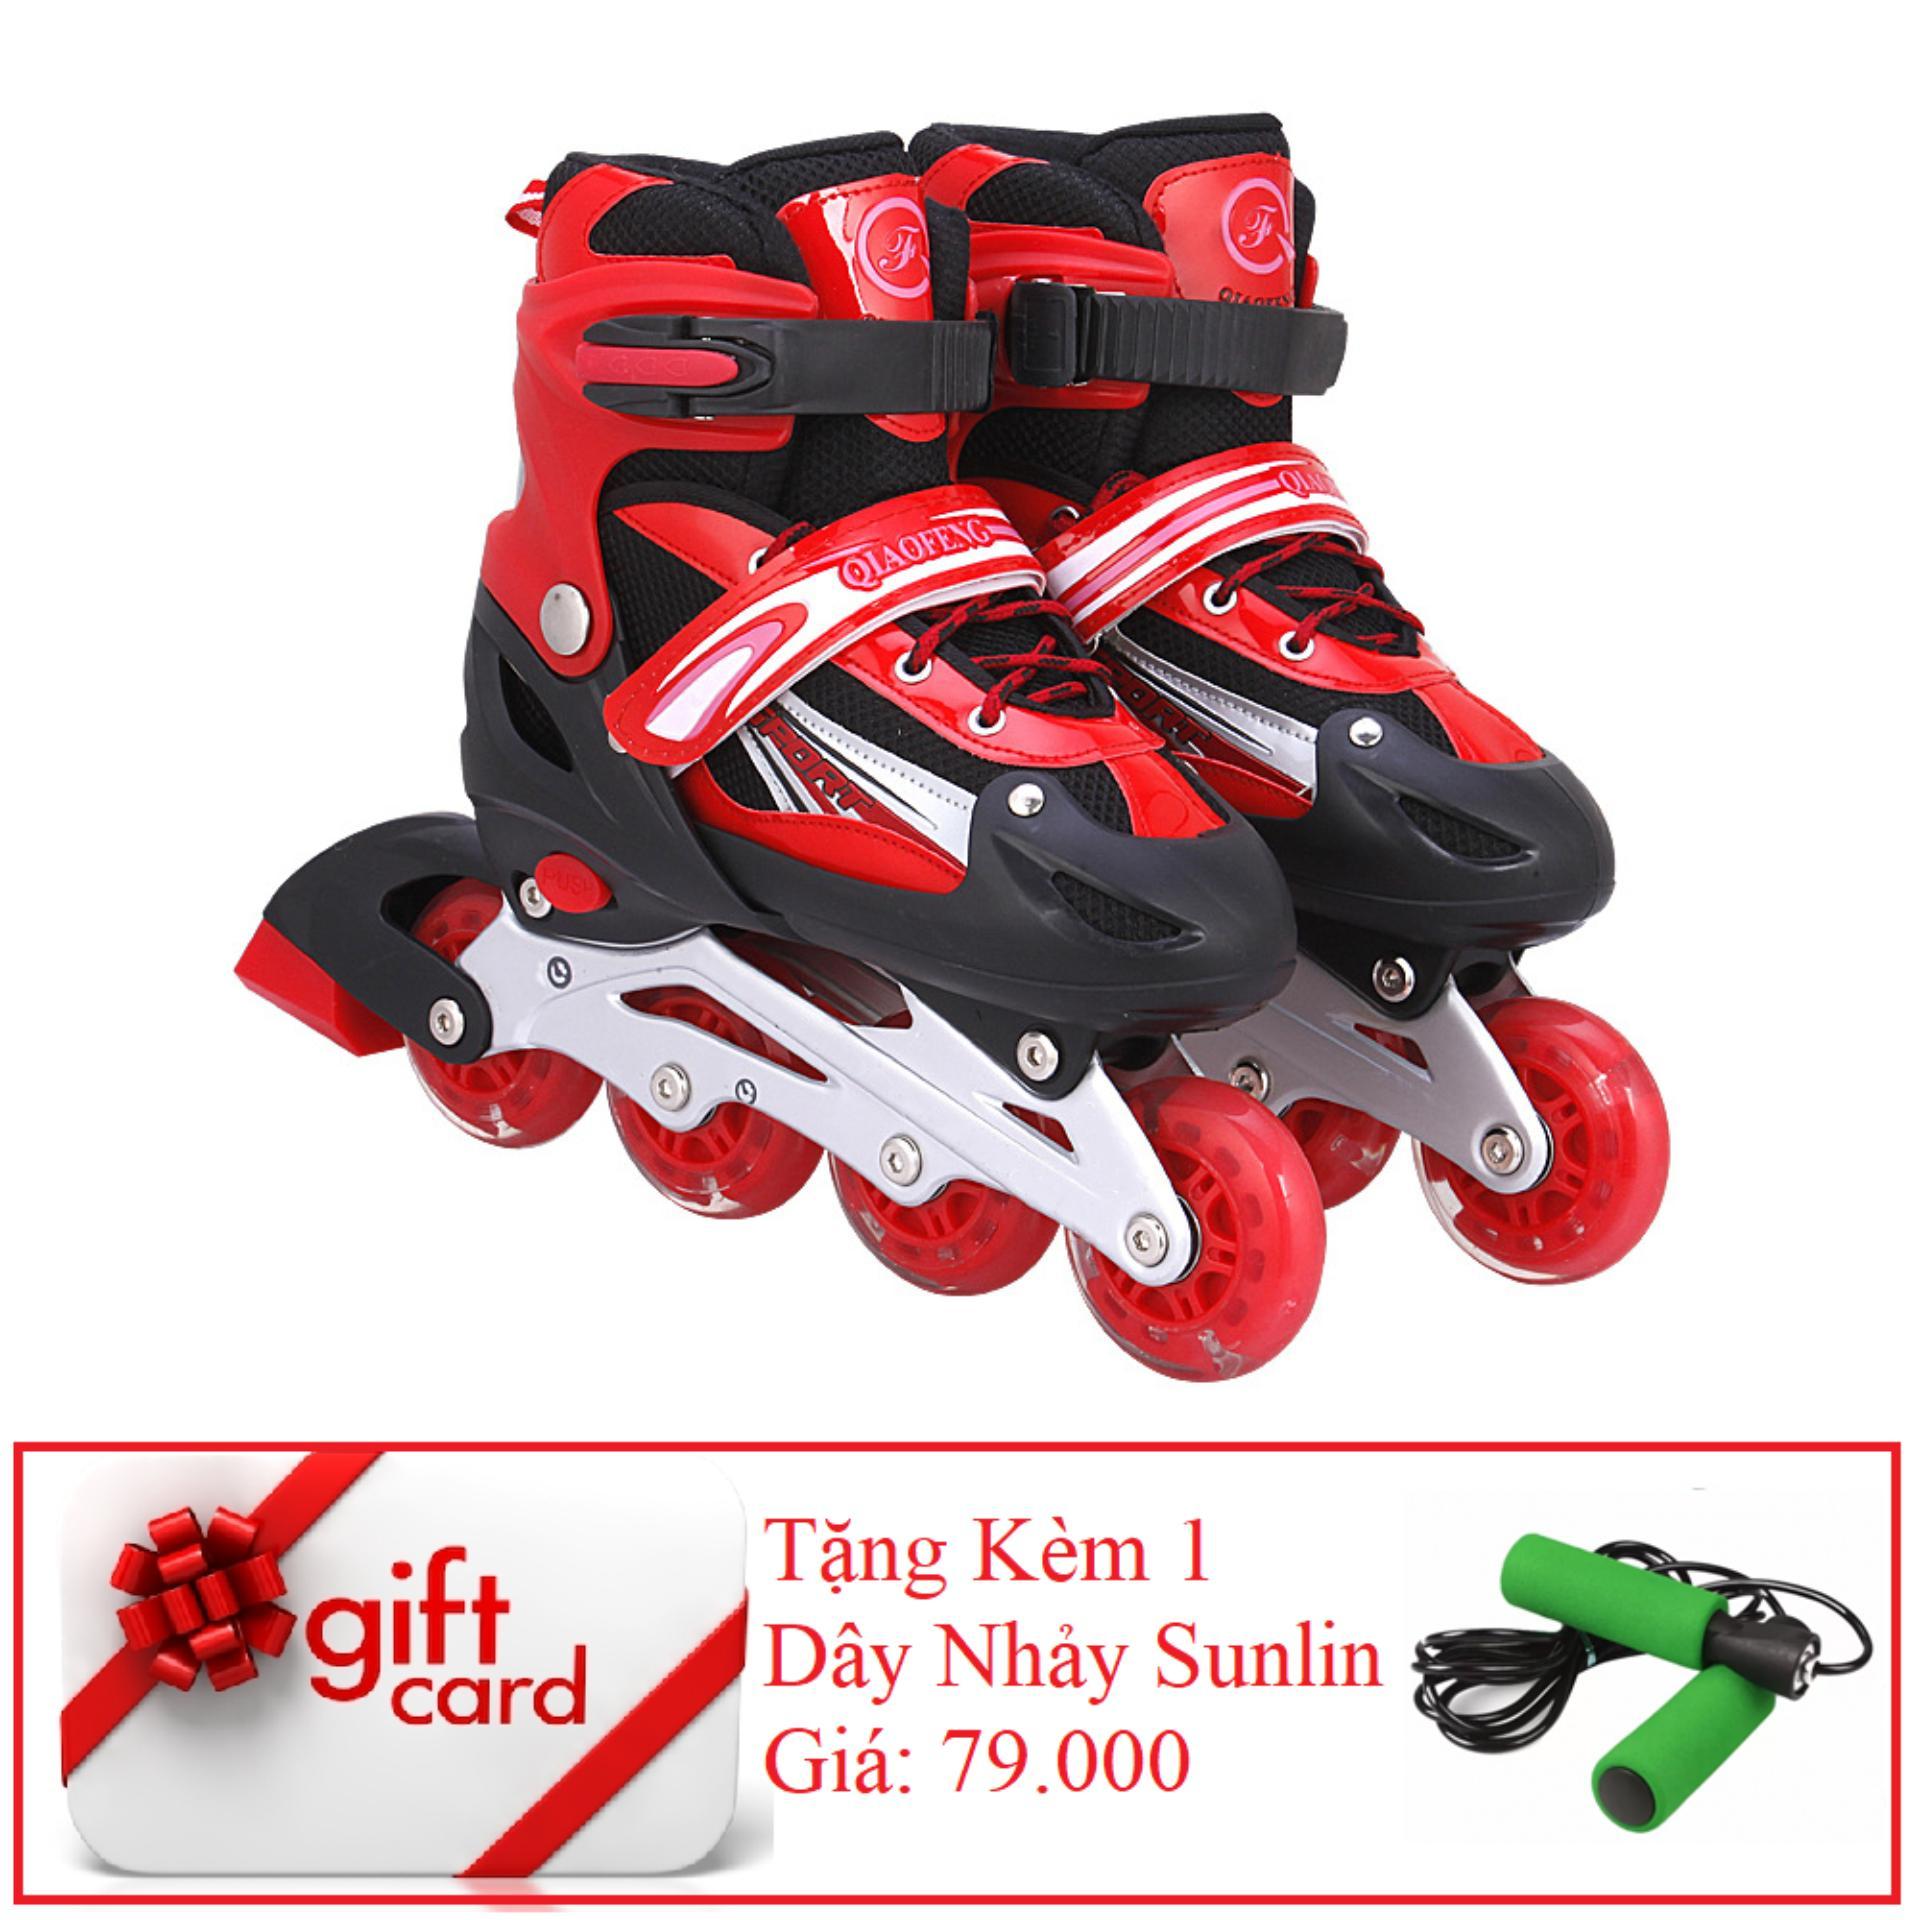 Giày Trượt Patin Gắn Đinh Phát Sáng Cao Cấp (Size L - Đỏ Đen) - TiGi Mall - Tặng Kèm 1 Dây Nhảy